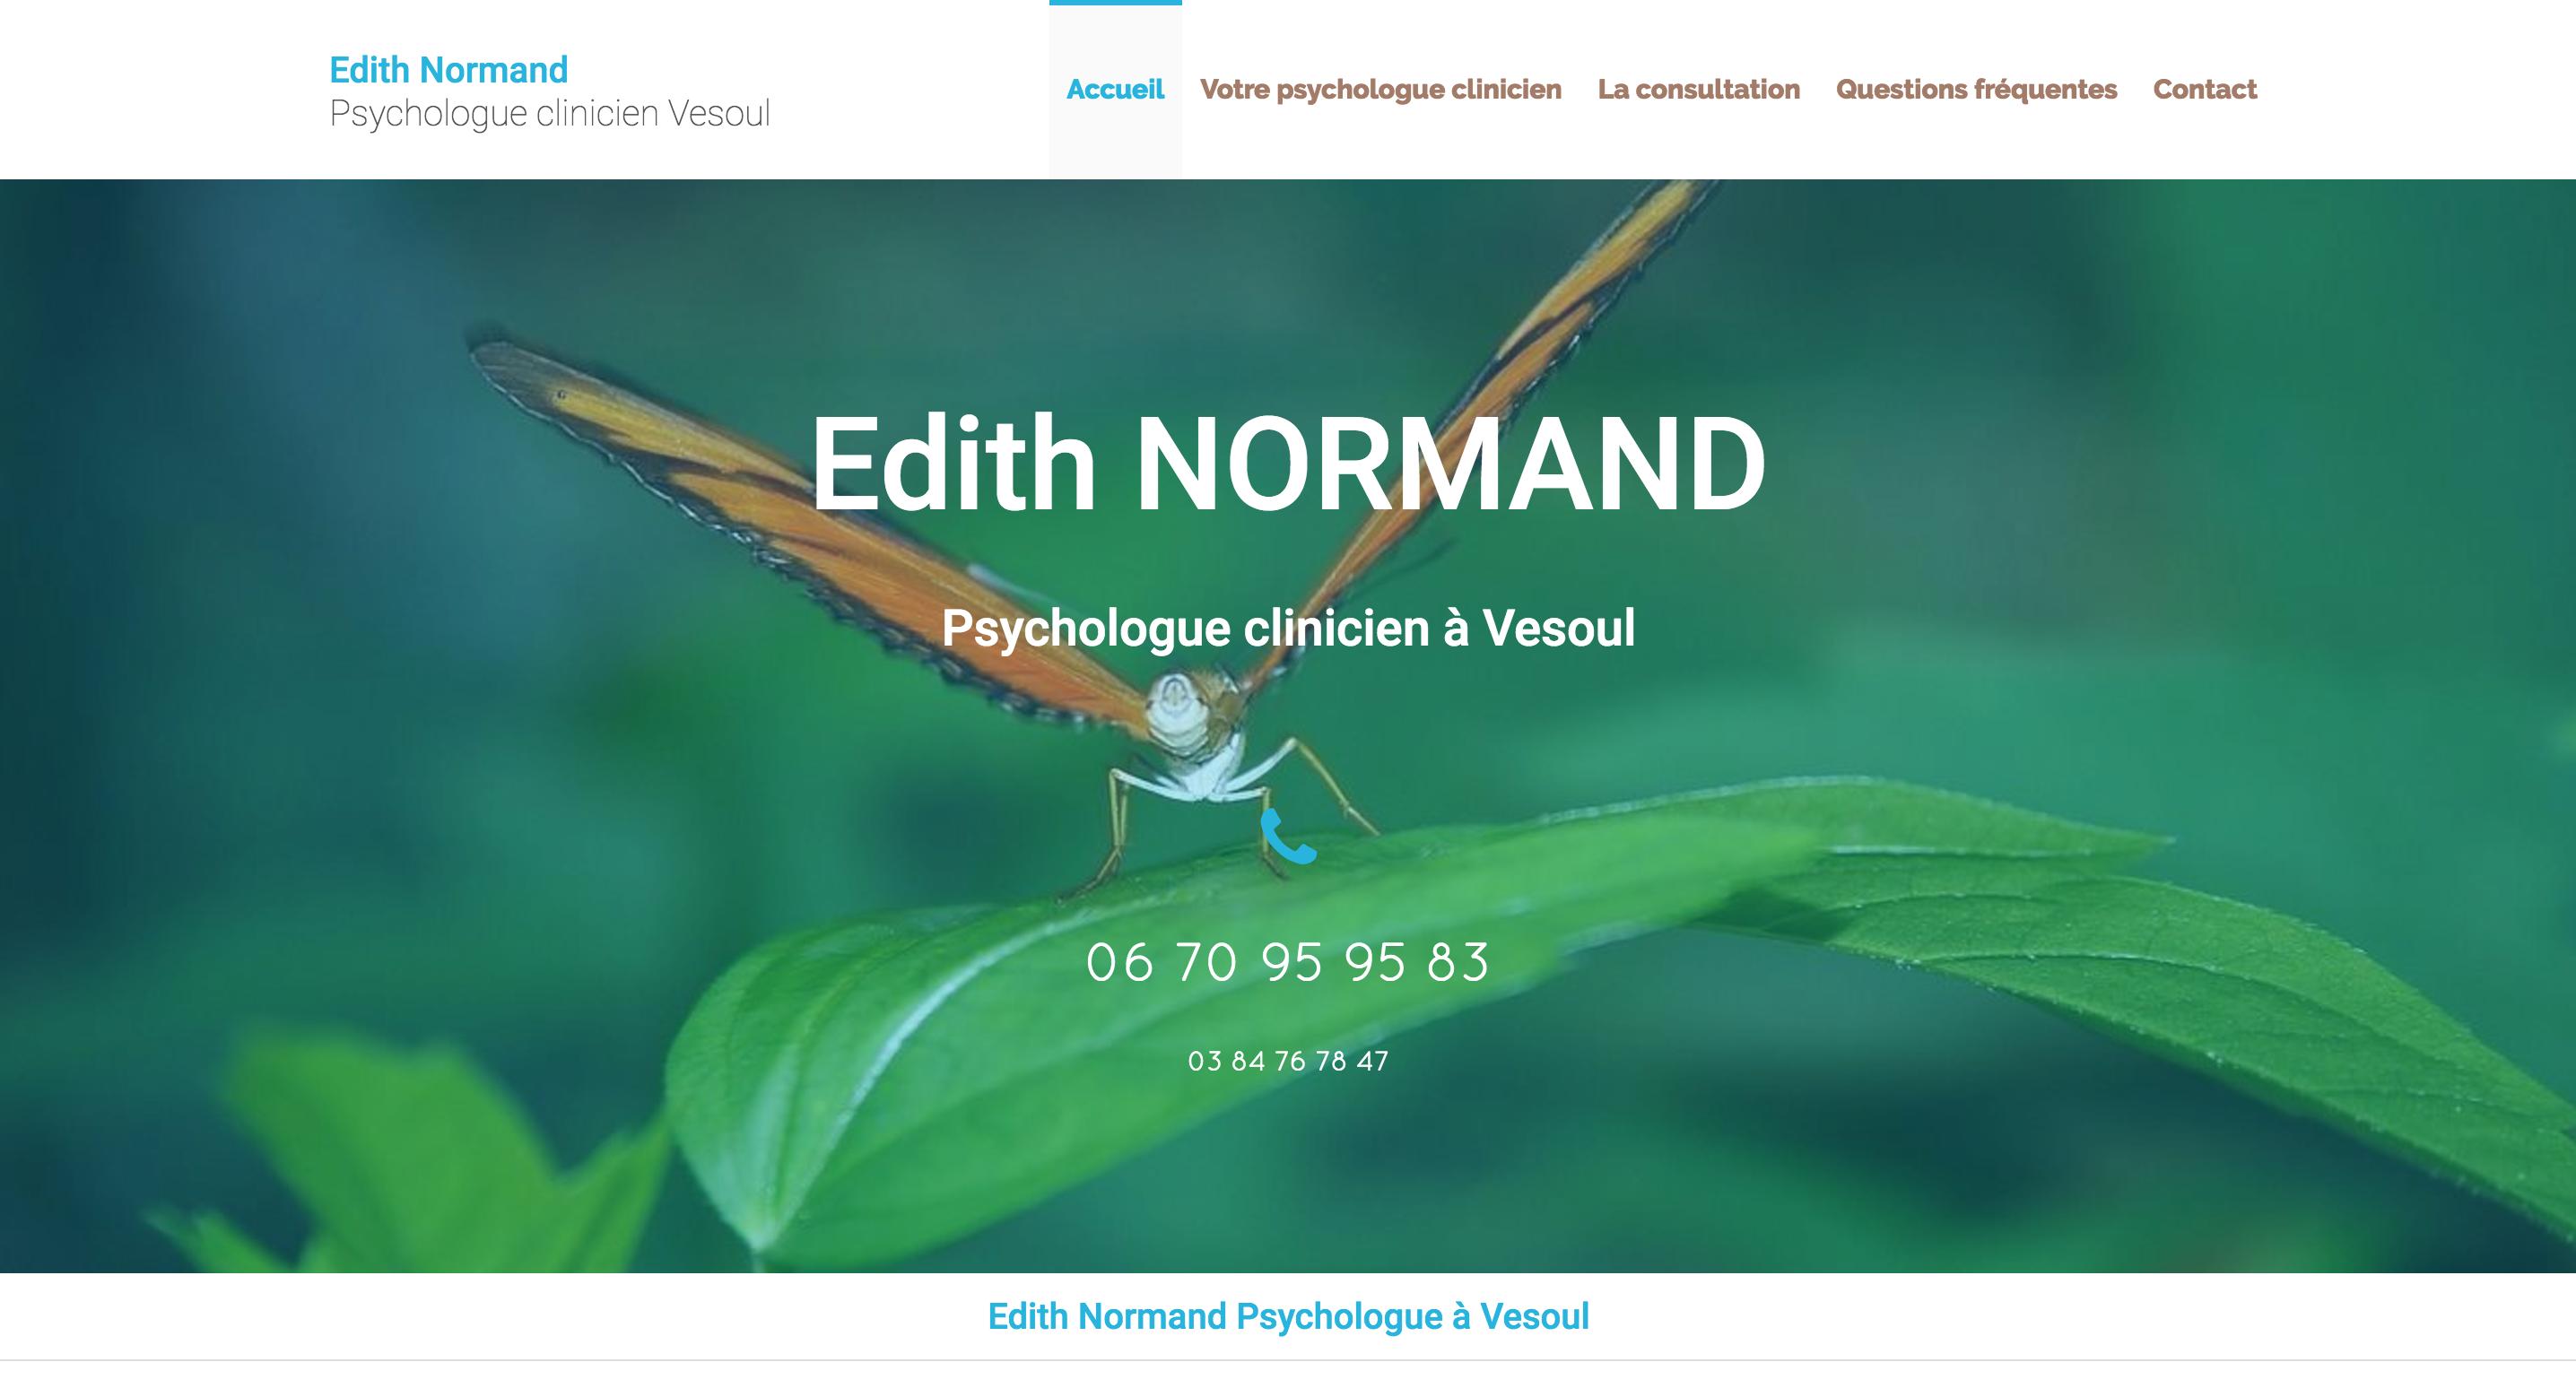 Voici Quelques Exemples De Sites Psychologues Raliss Par Simplbo